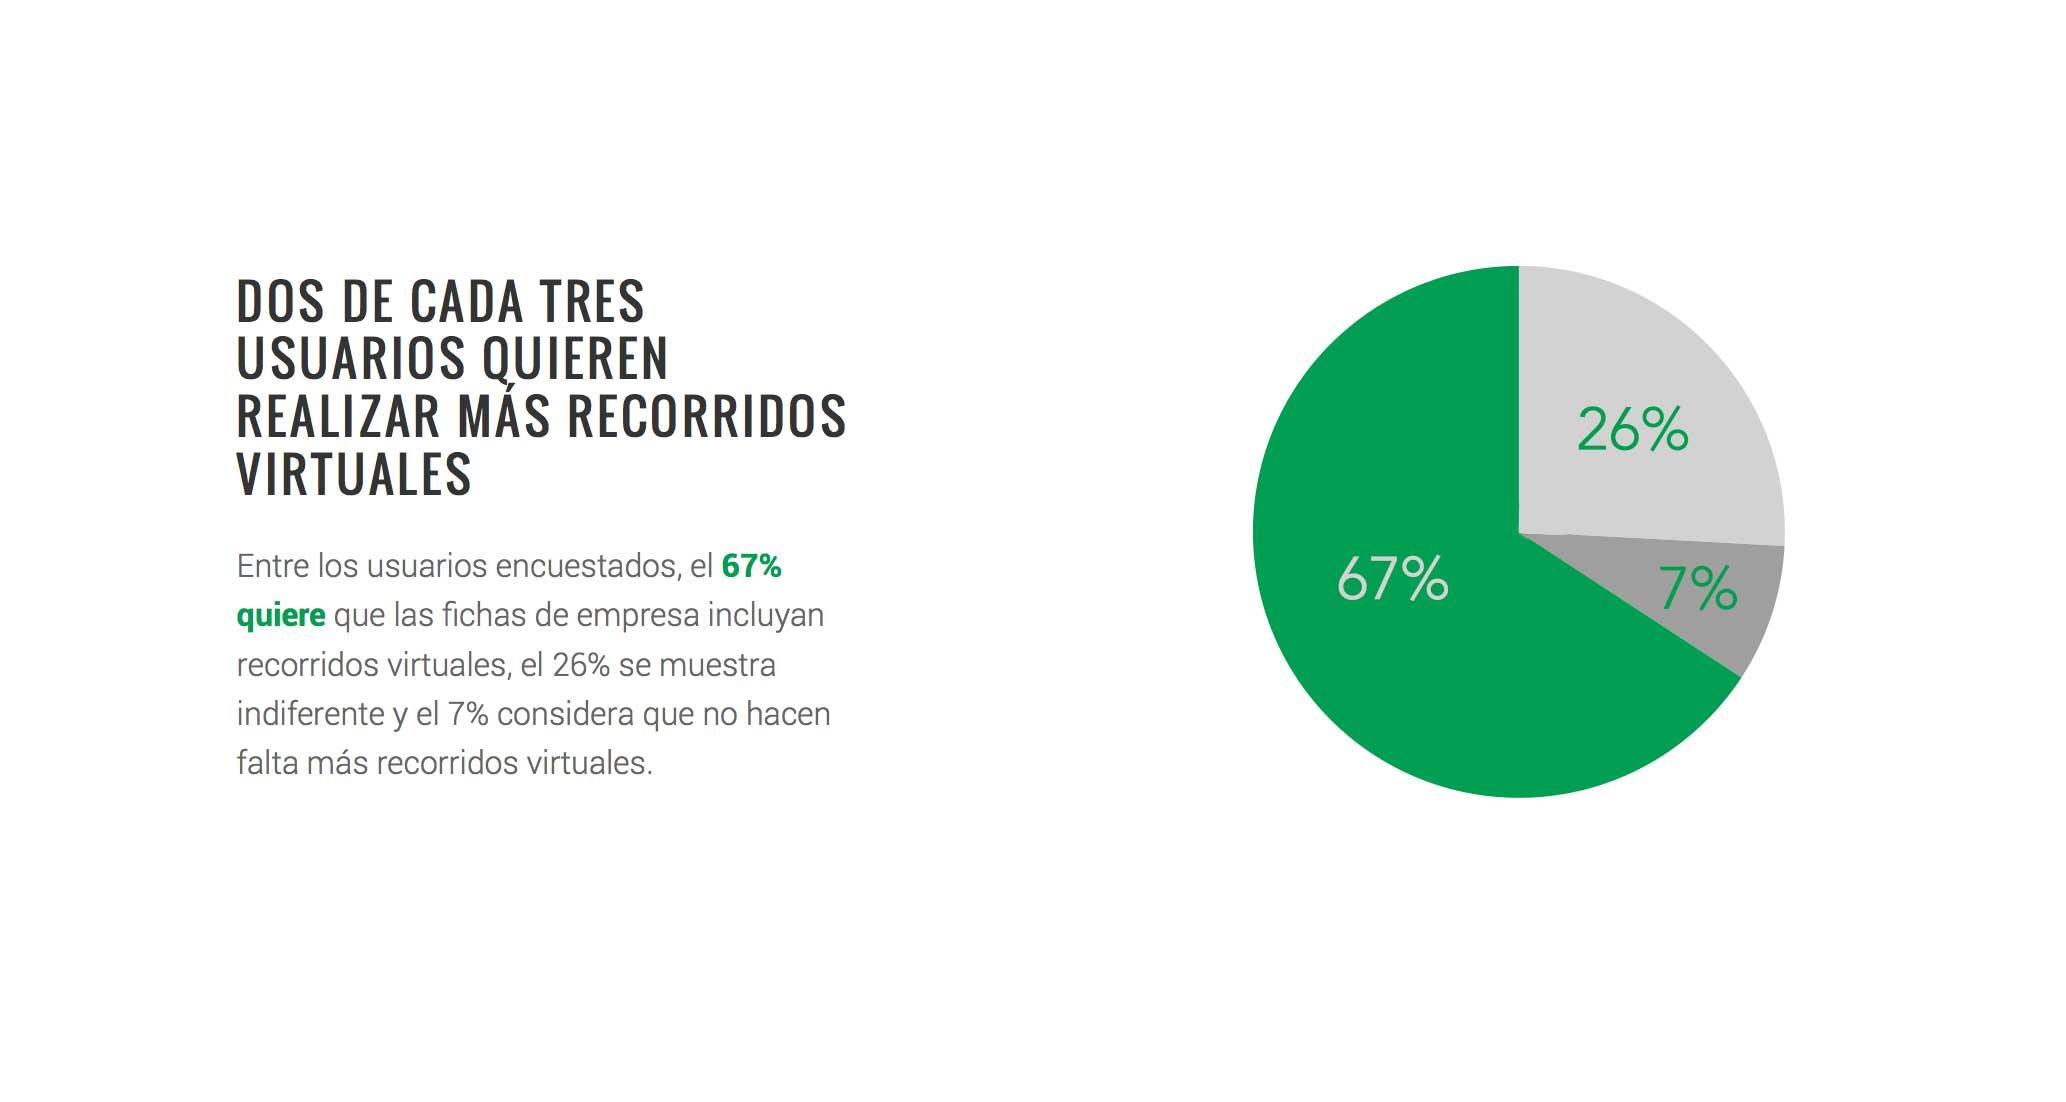 Dos de cada tres usuarios quieren realizar más recorridos virtuales